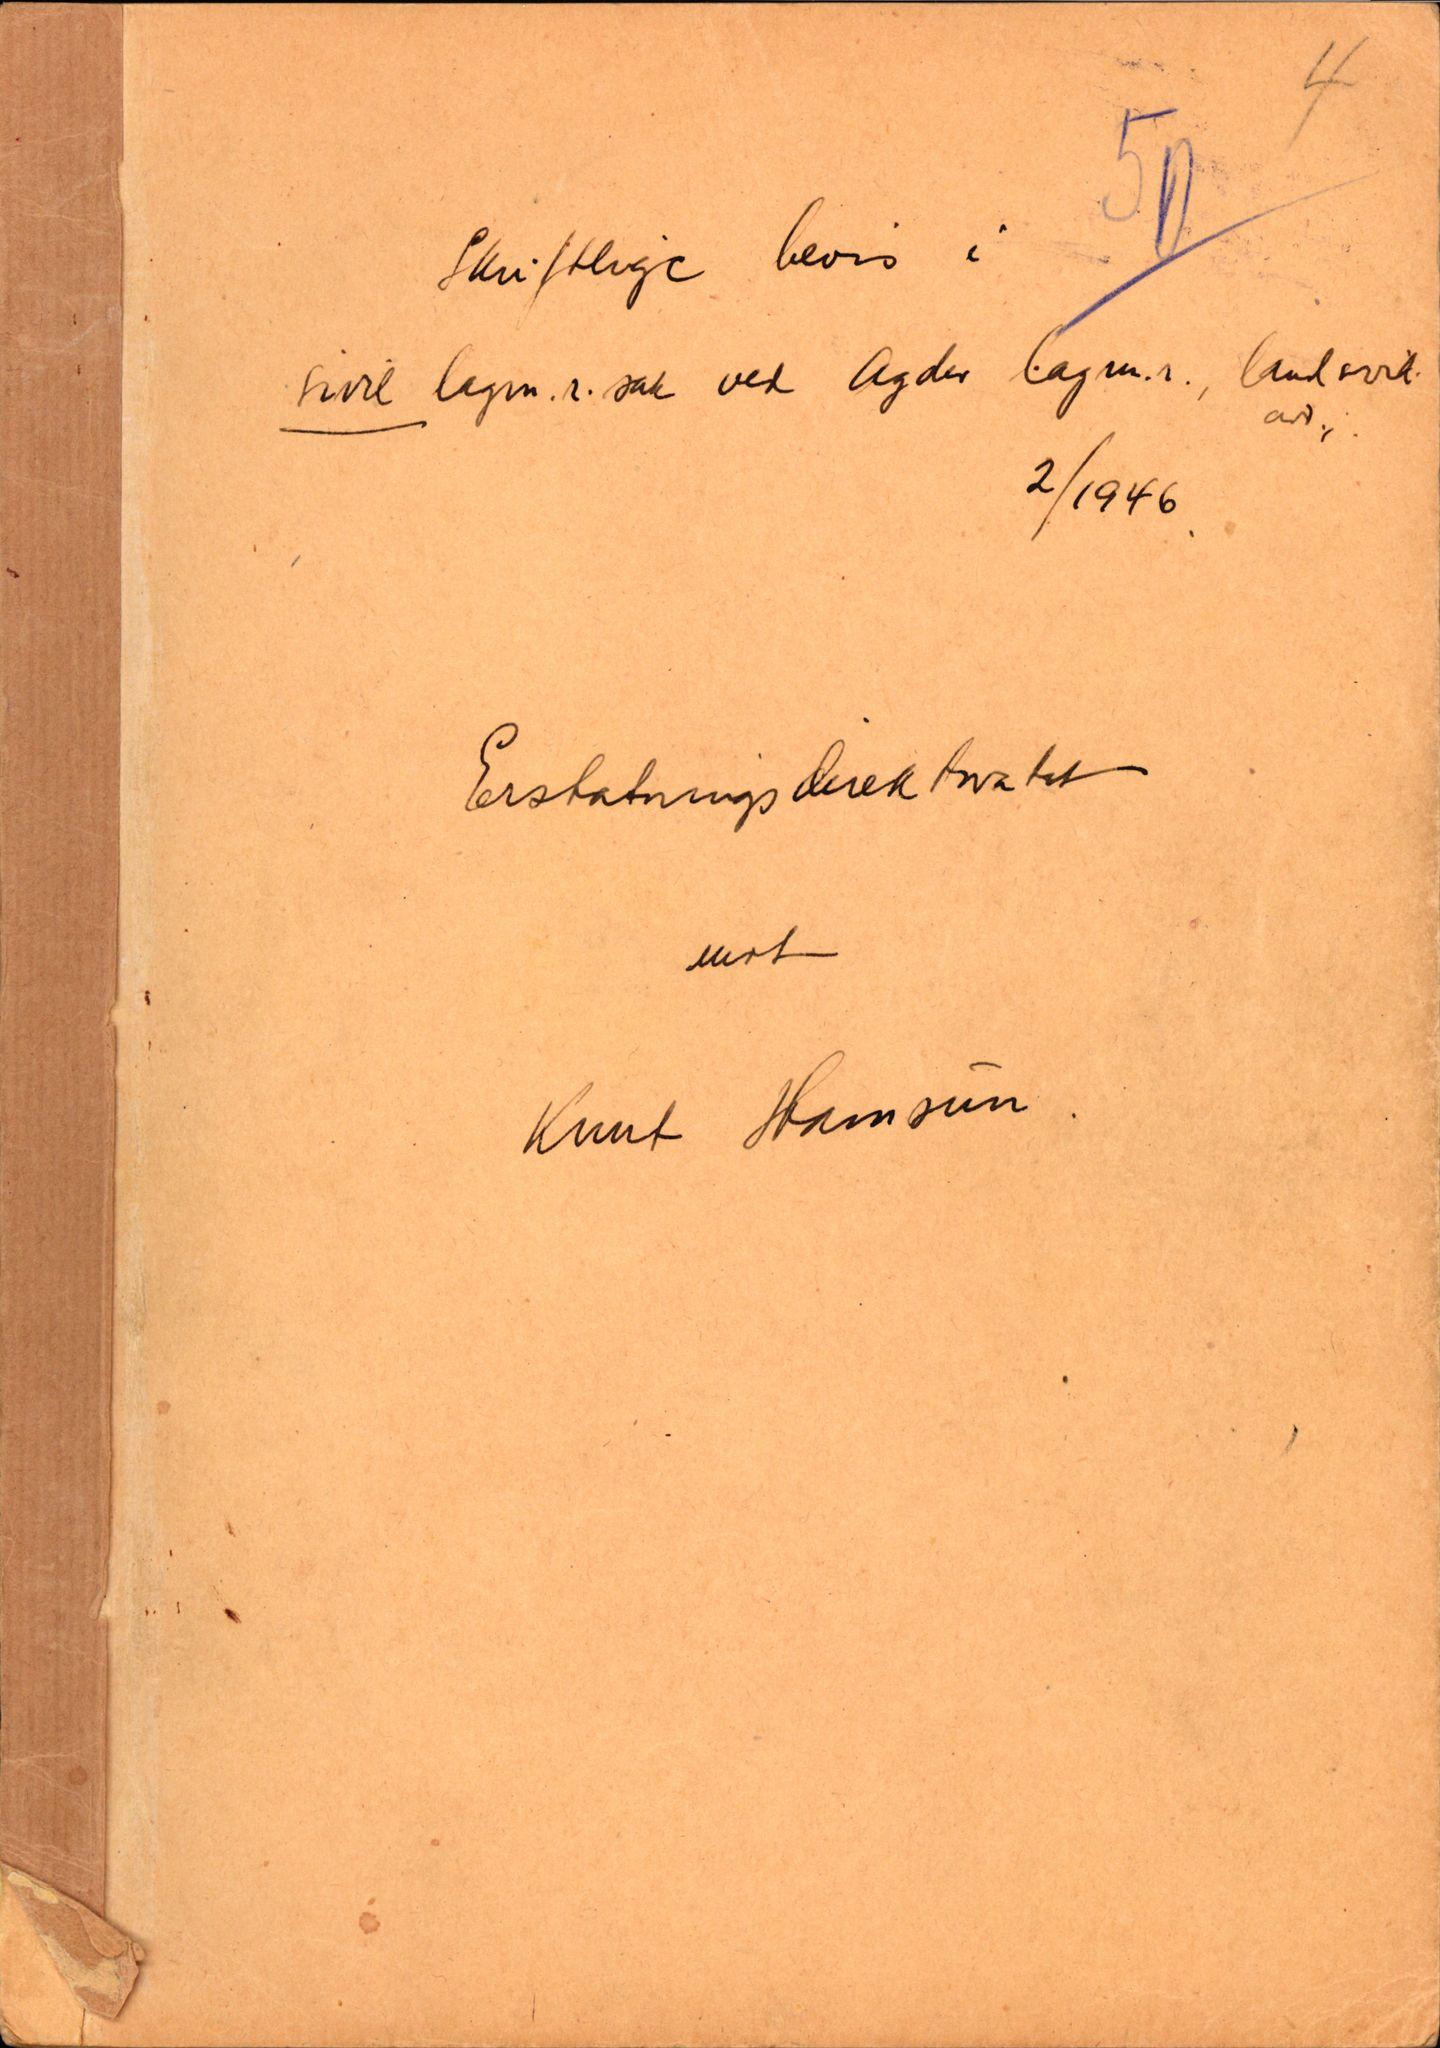 RA, Landssvikarkivet, Arendal politikammer, D/Dc/L0029: Anr. 192/45, 1945-1951, s. 464